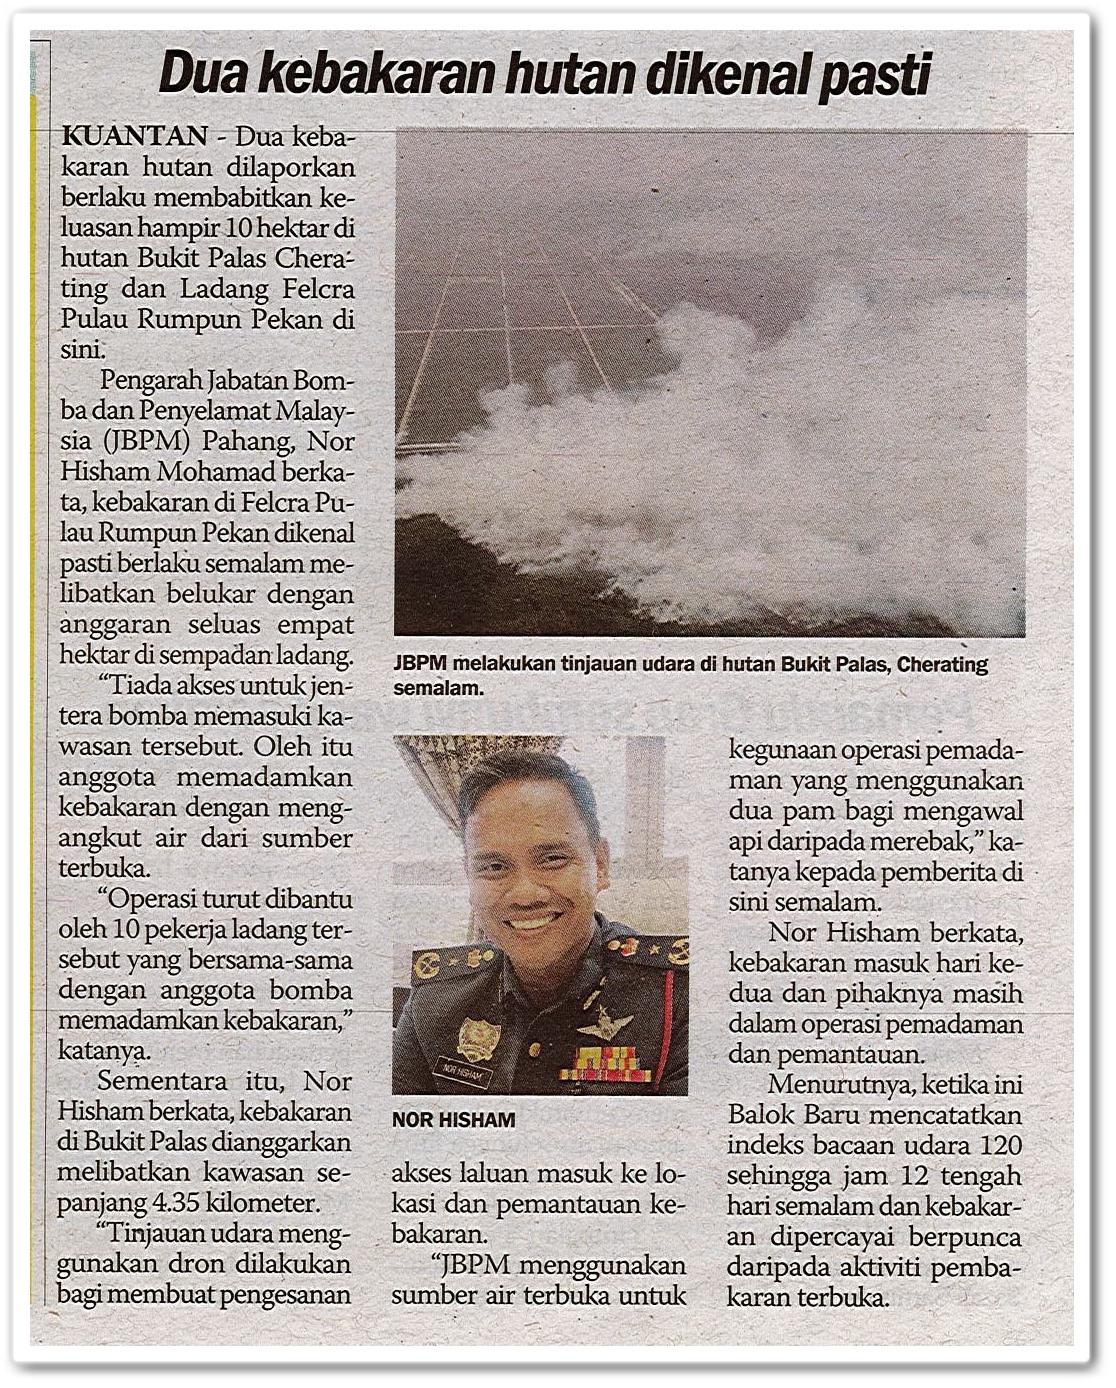 Dua kebakaran hutan dikenal pasti - Keratan akhbar Sinar Harian 7 Ogos 2019